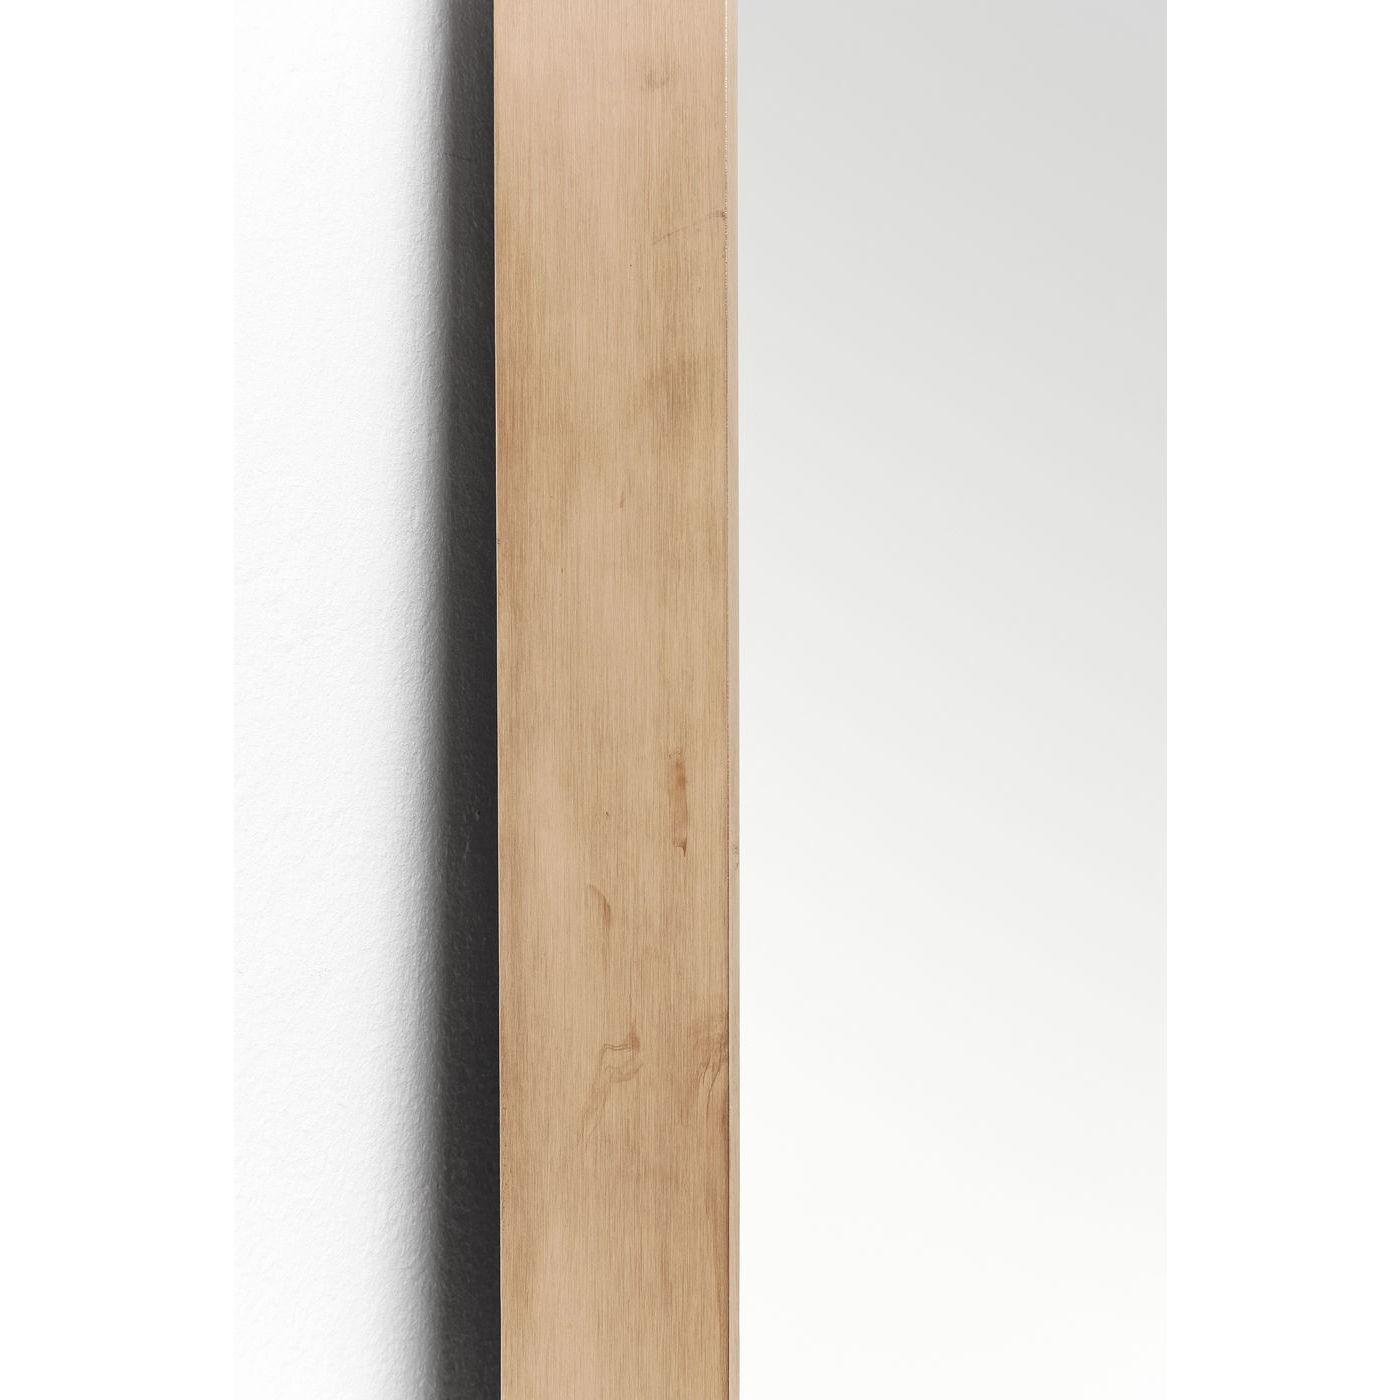 Miroir Curve rectangulaire cuivre 200x70cm Kare Design